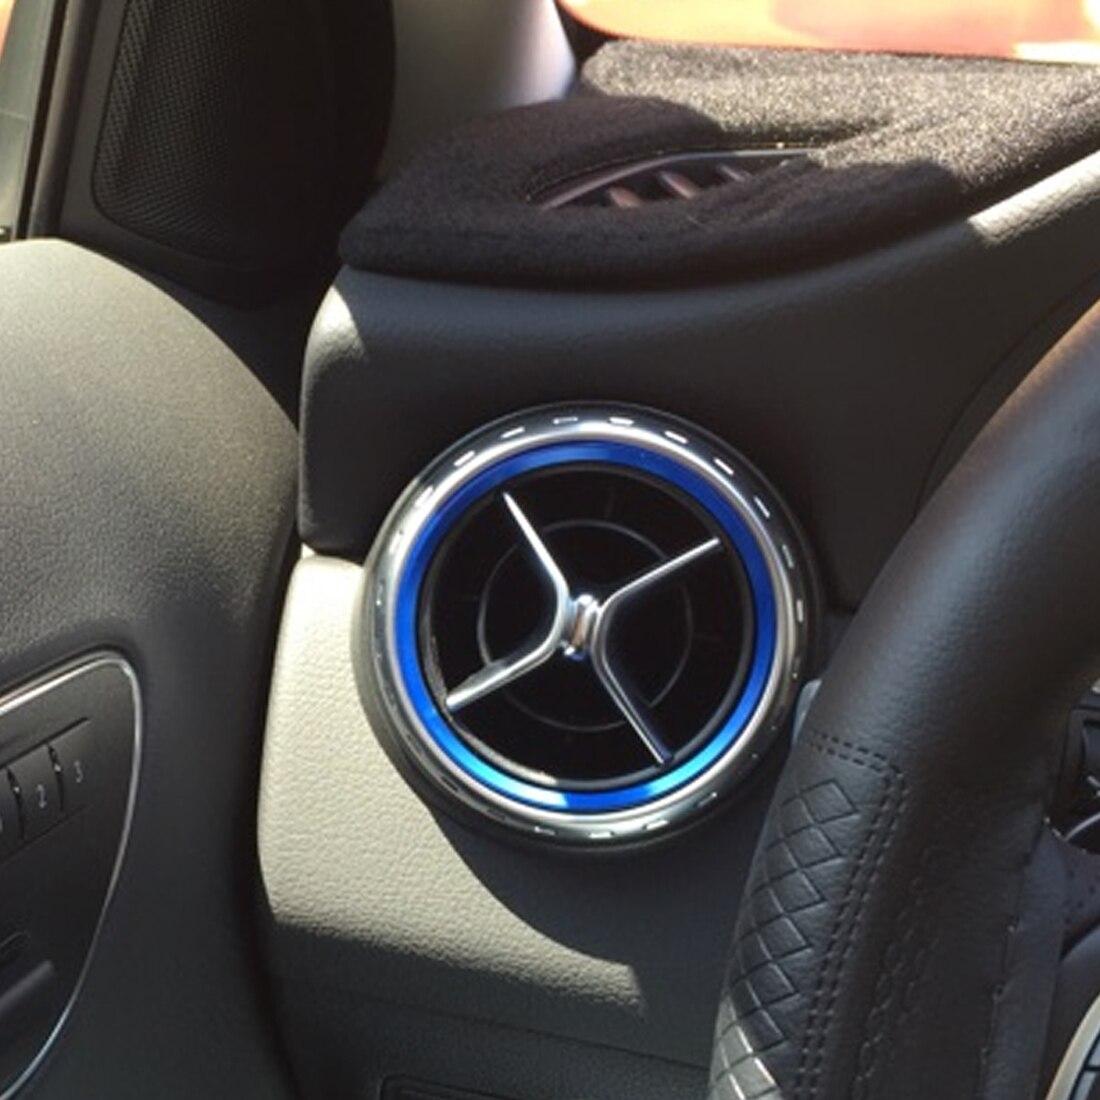 Dewtreetali Автомобиль Стайлинг кондиционер вентиляционное отверстие кольцо выхода крышка отделка украшения для Mercedes Benz A B класс AMG аксессуары